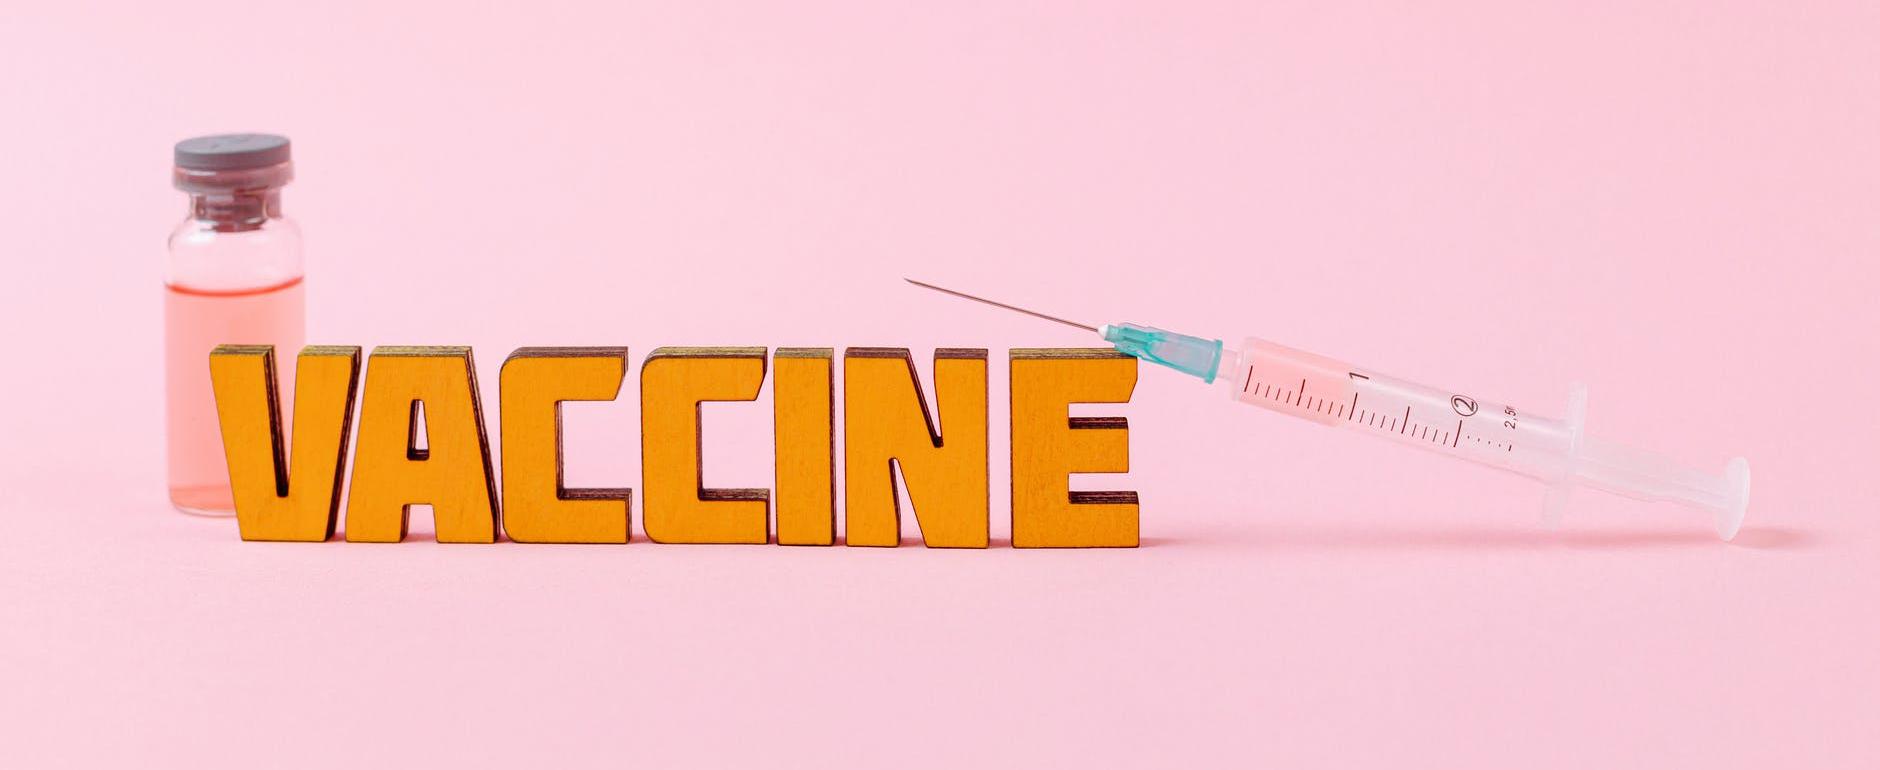 Vaccino Covid-19, licenziamento e patto di vaccinazione. La salute è diritto indisponibile